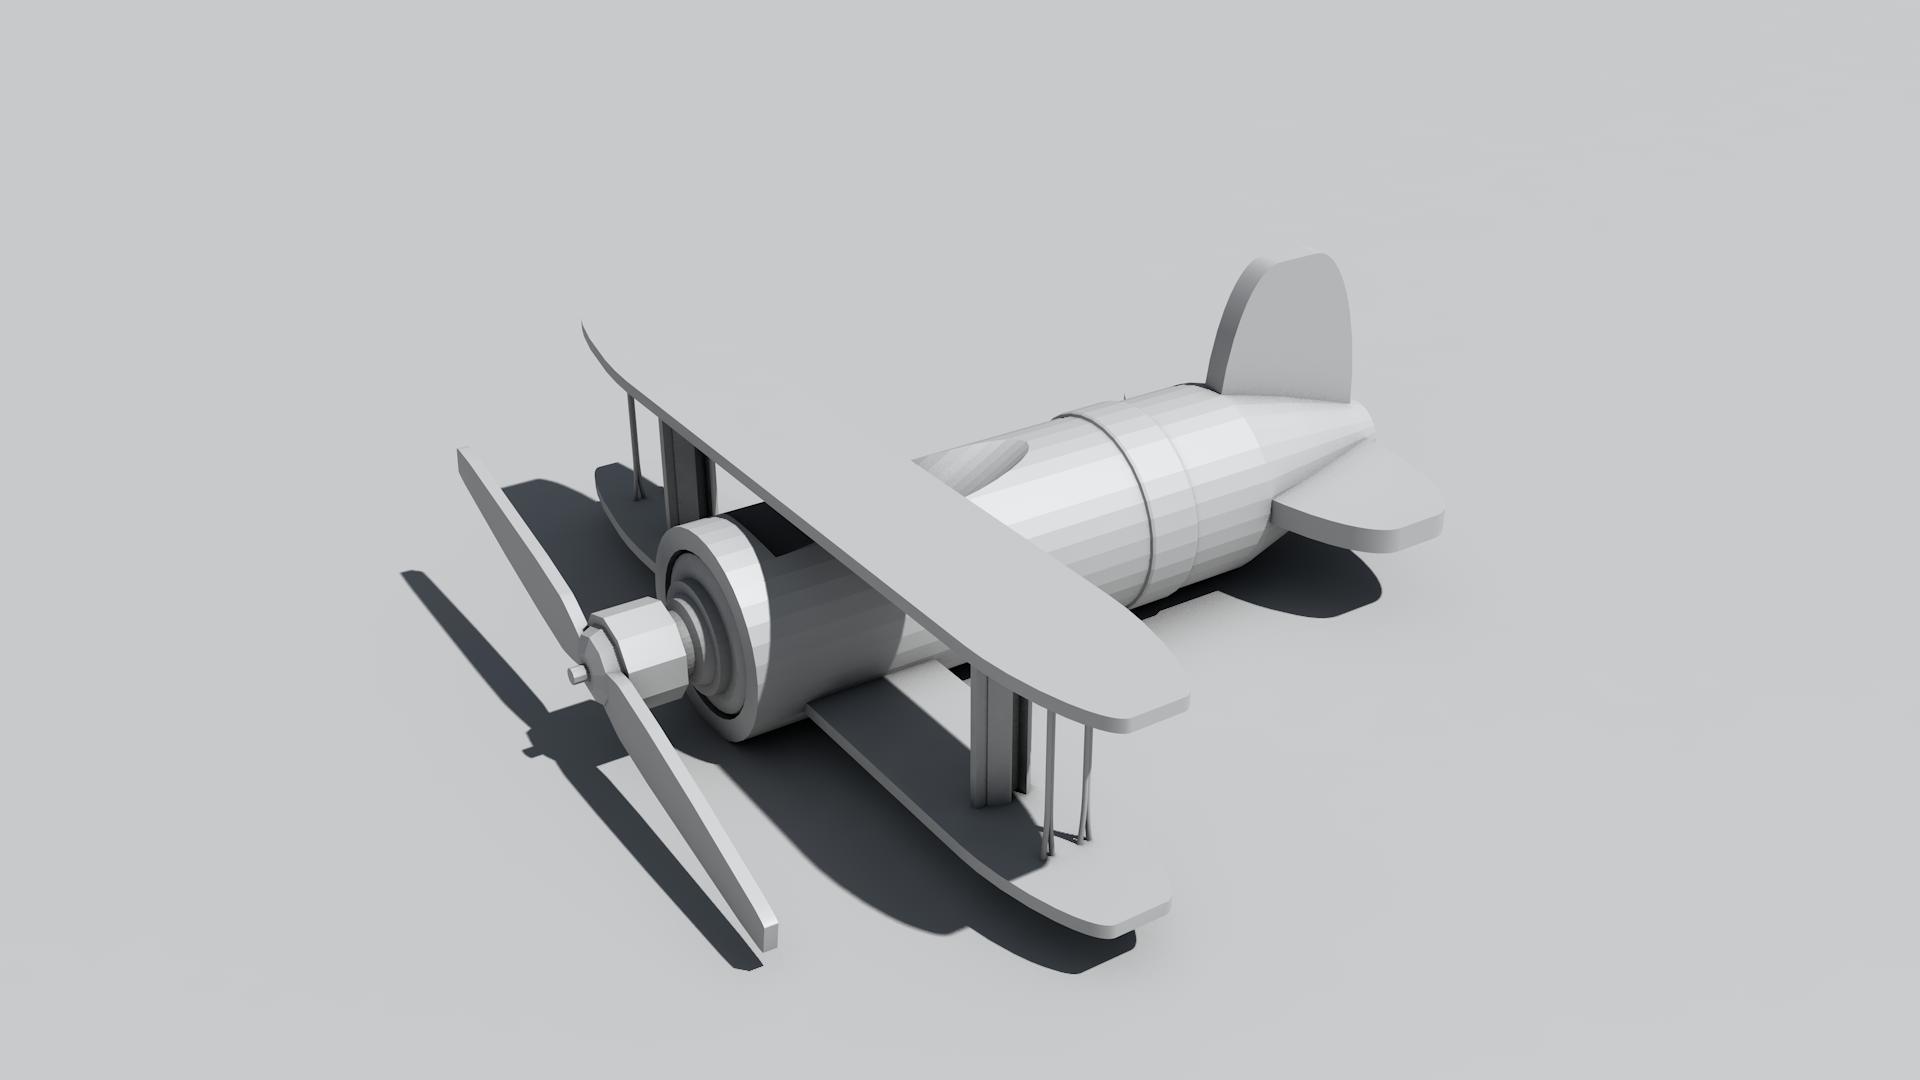 小飞机-机械/交通-三维-设计作品-中国设计之窗